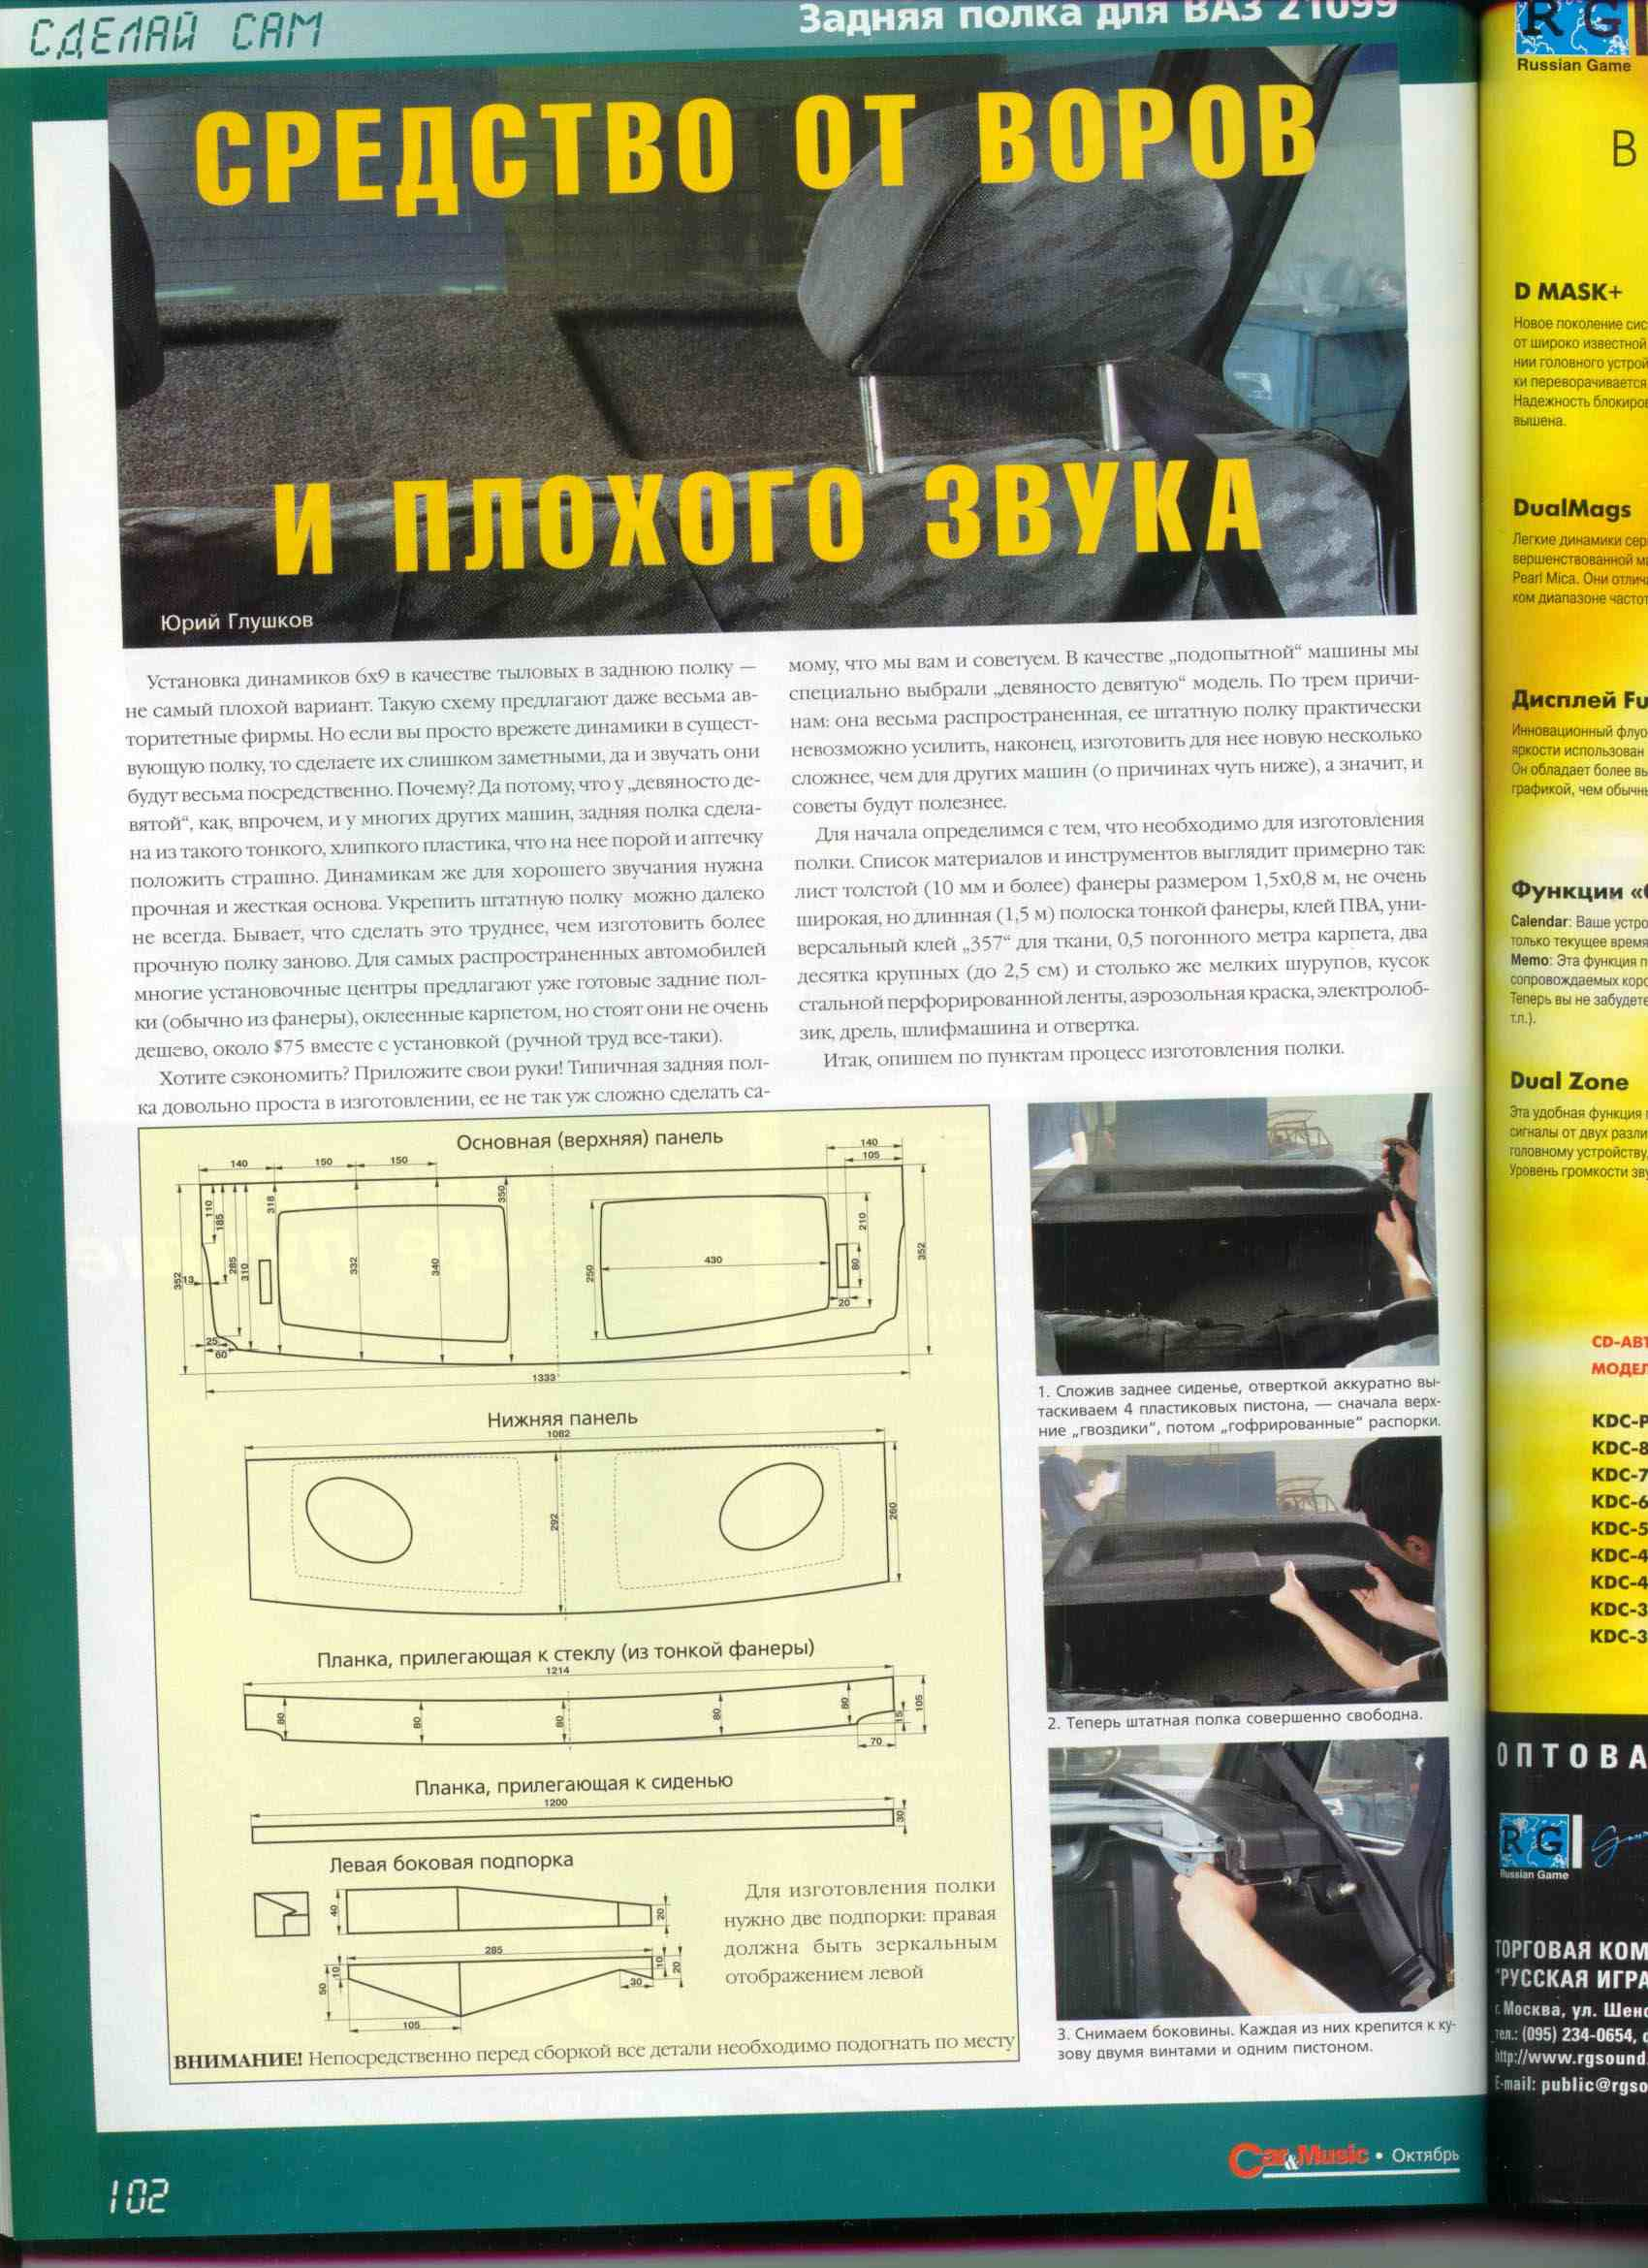 Запасные части - brest-motors.by